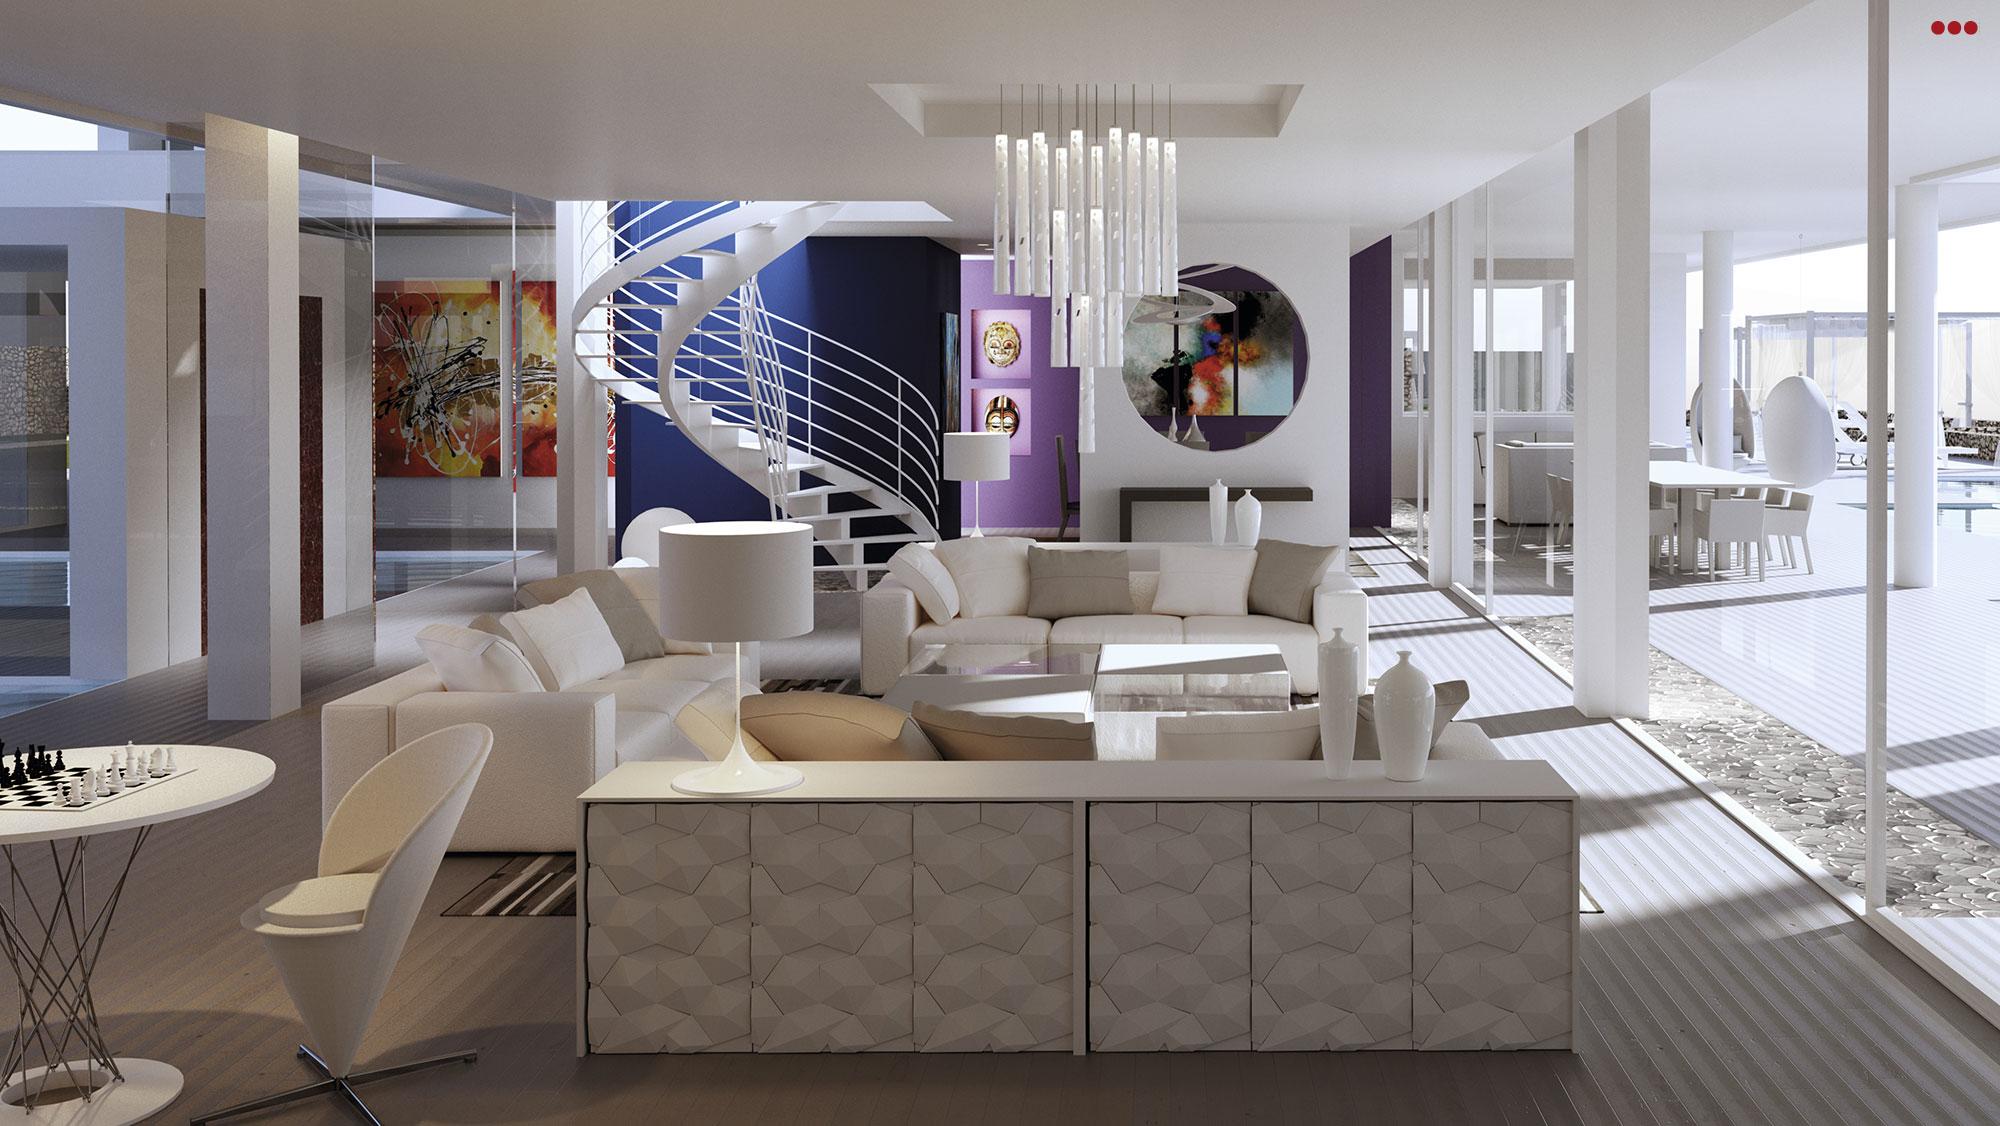 3D Studio Bartolini Villa Pemba progettazione rendering architettura grafica 6